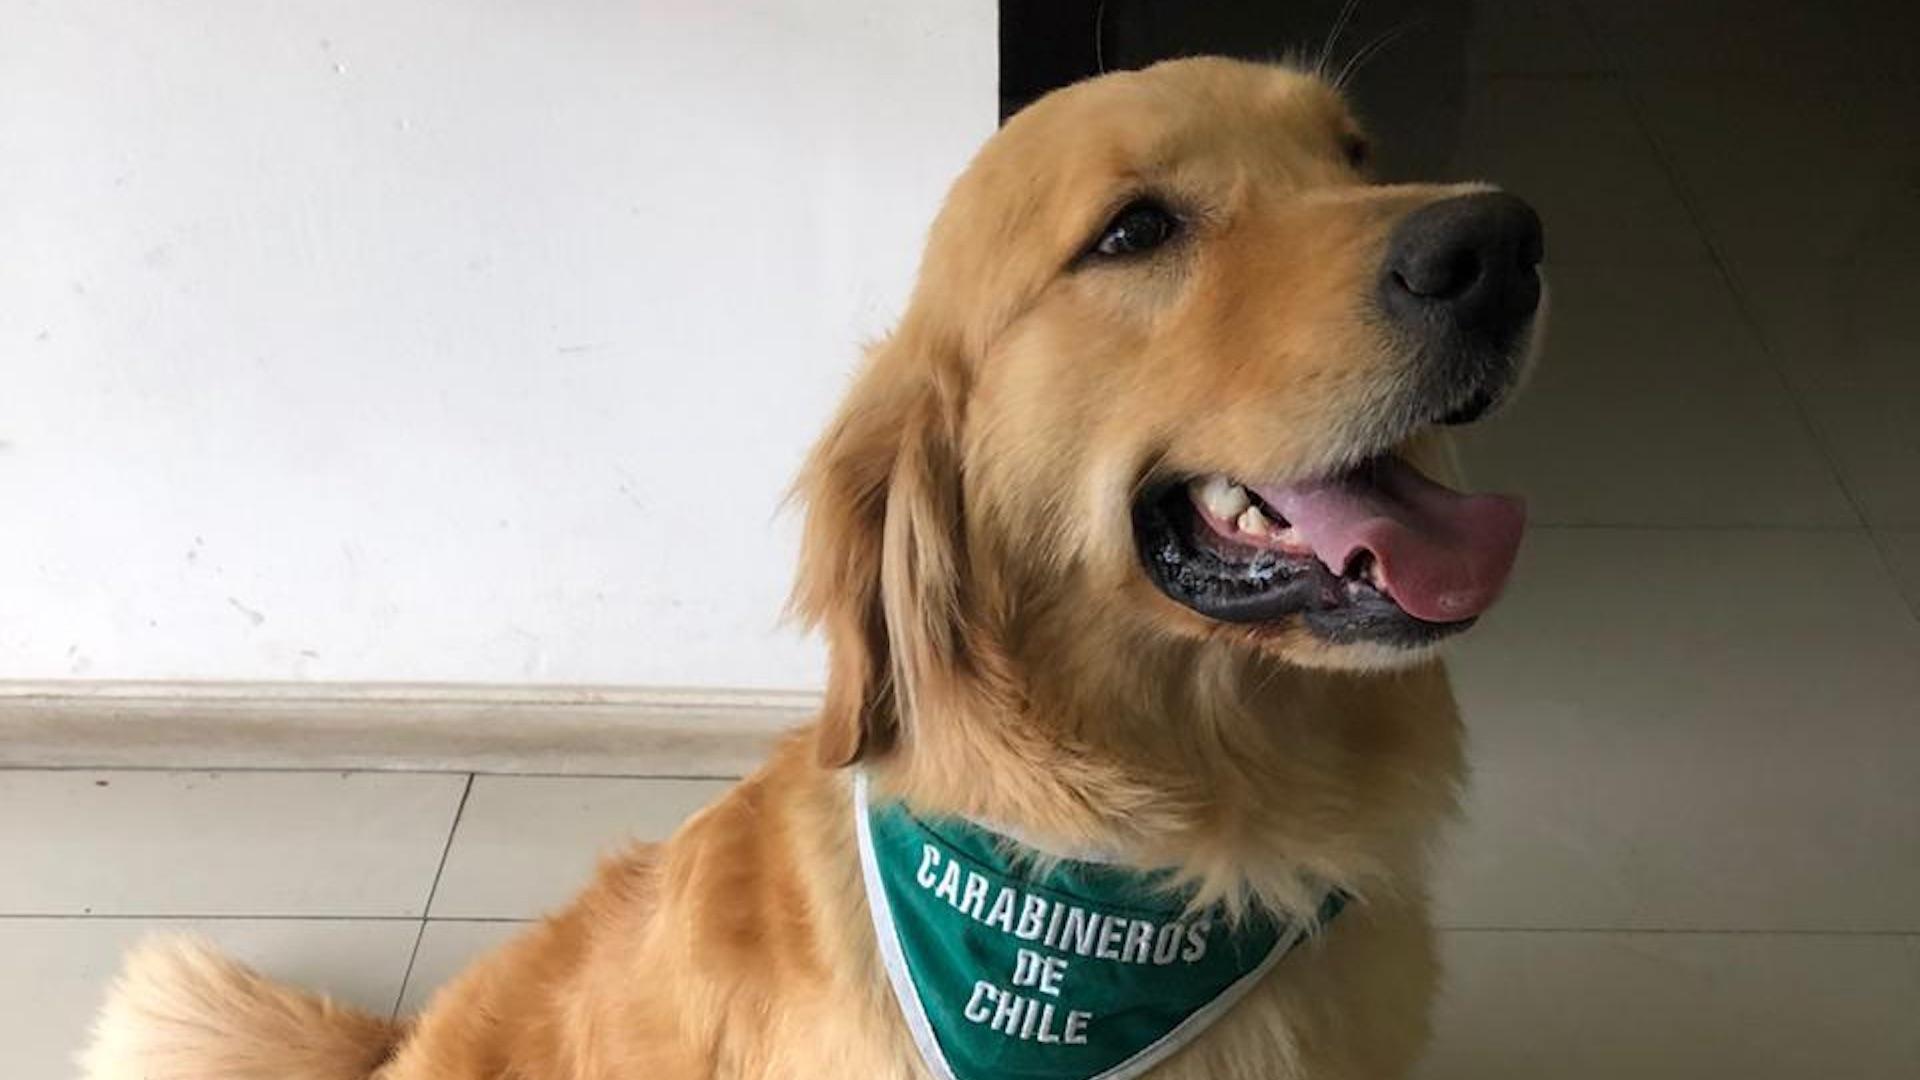 Los Ángeles: Foly, el can del OS7 saca de circulación más de 5 millones en pasta base